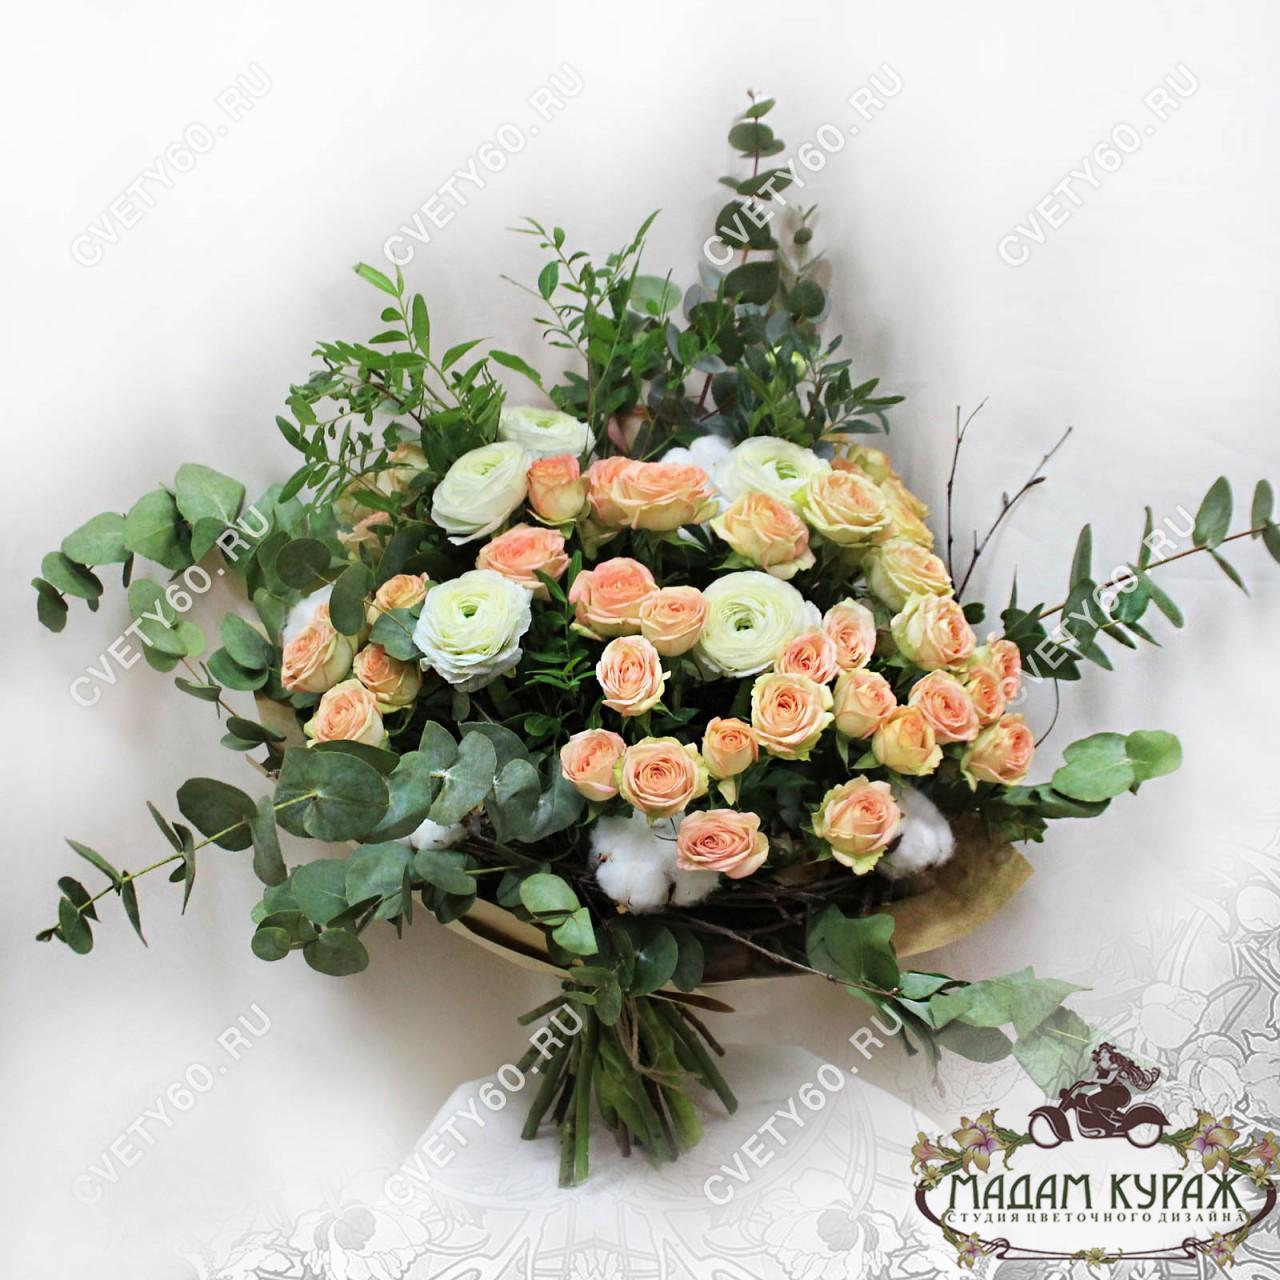 Изящный букет из кустовой розы и ранункулюсов.